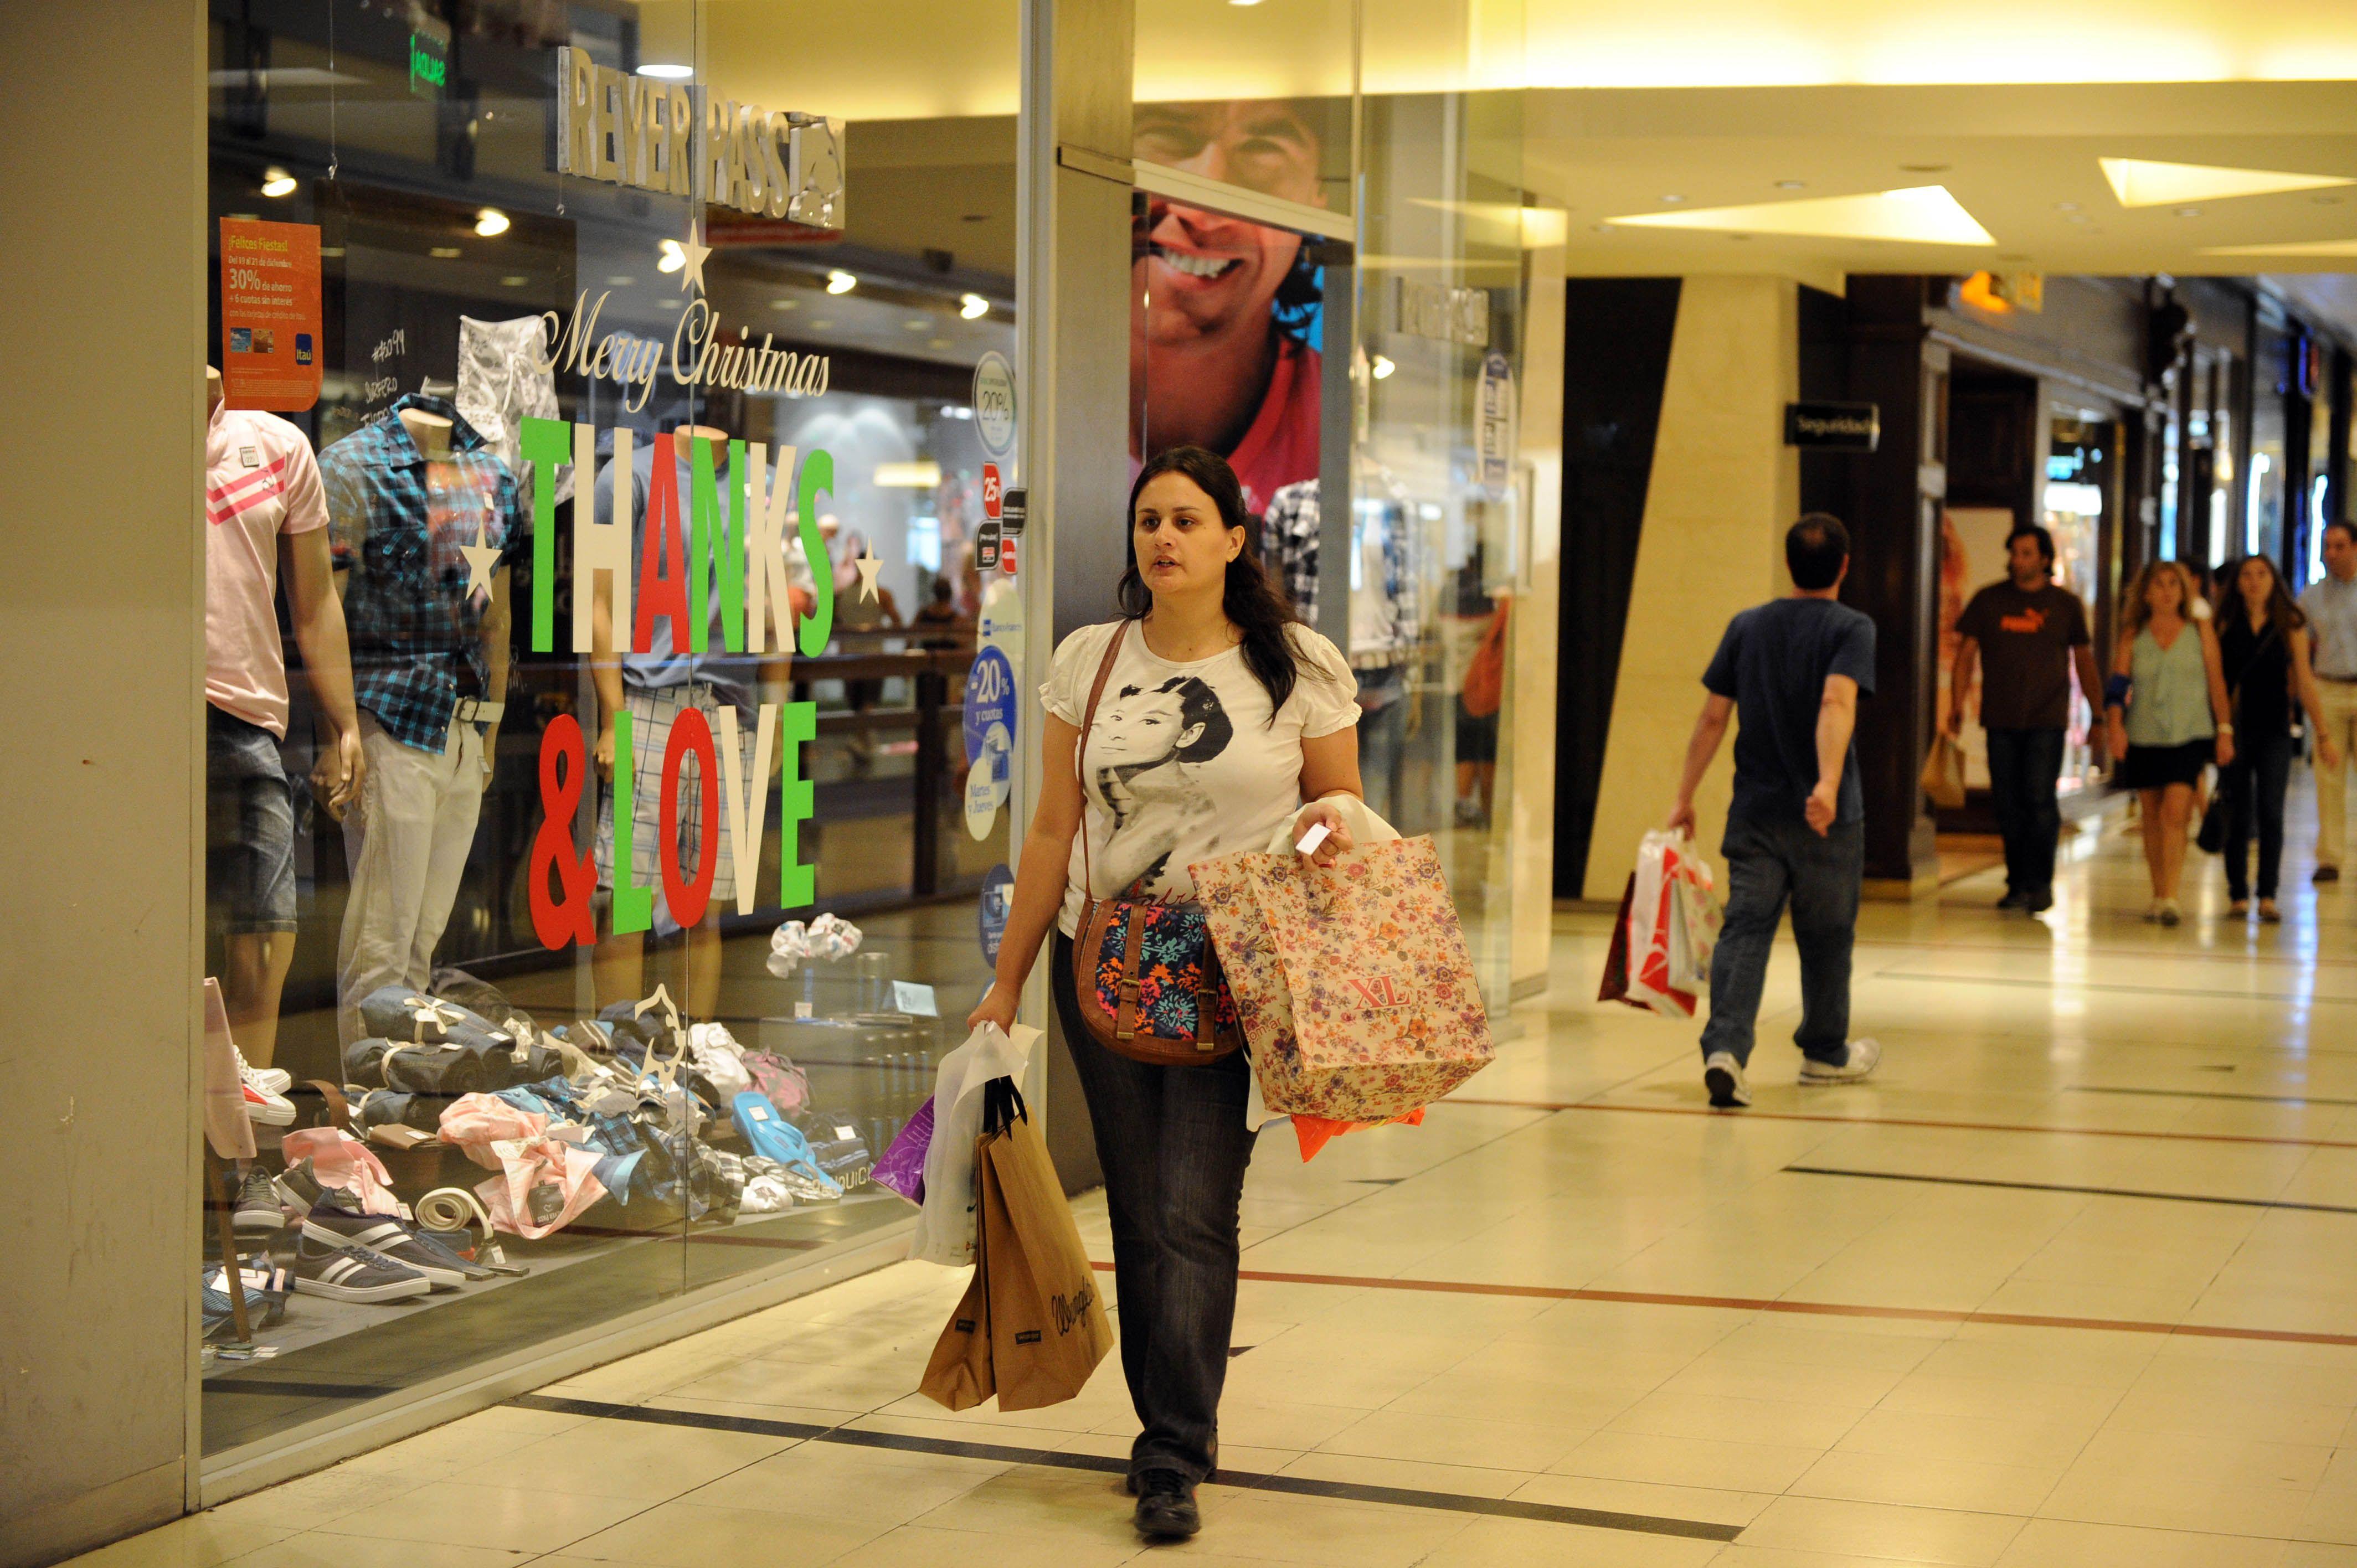 Promociones falsas: ¿cómo combatir las ofertas truchas de las empresas?